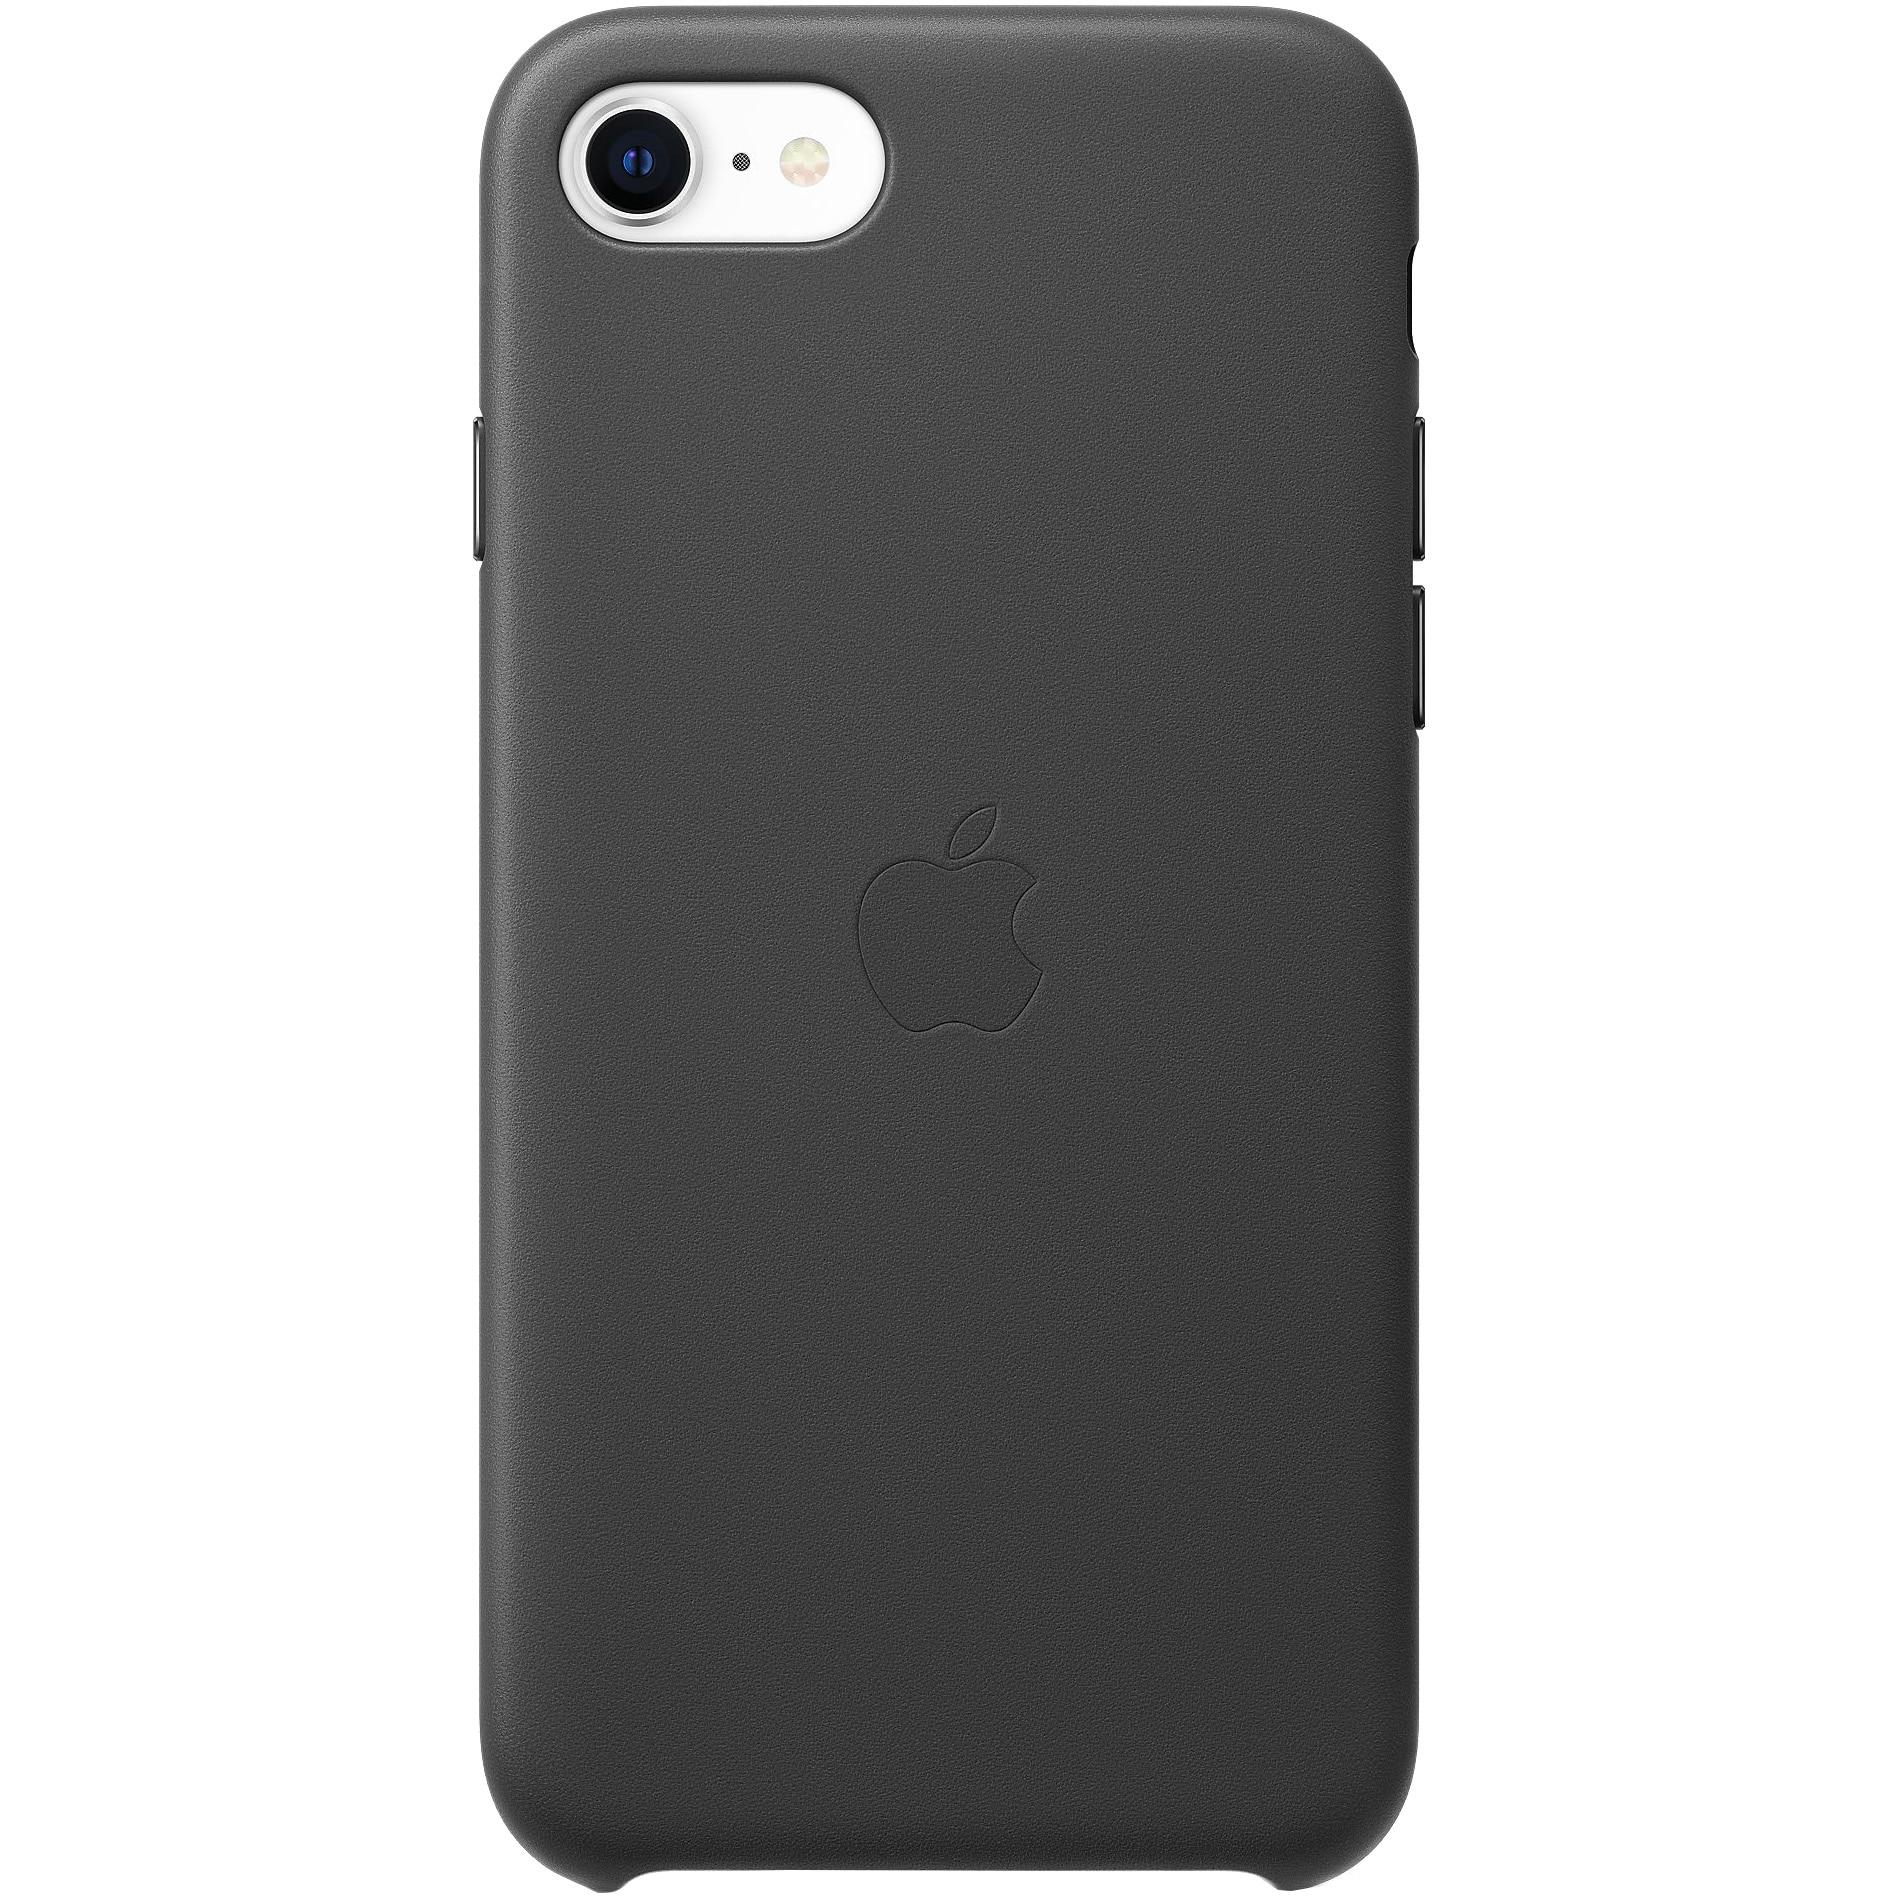 Fotografie Husa de protectie Apple pentru iPhone SE 2, Piele, Black